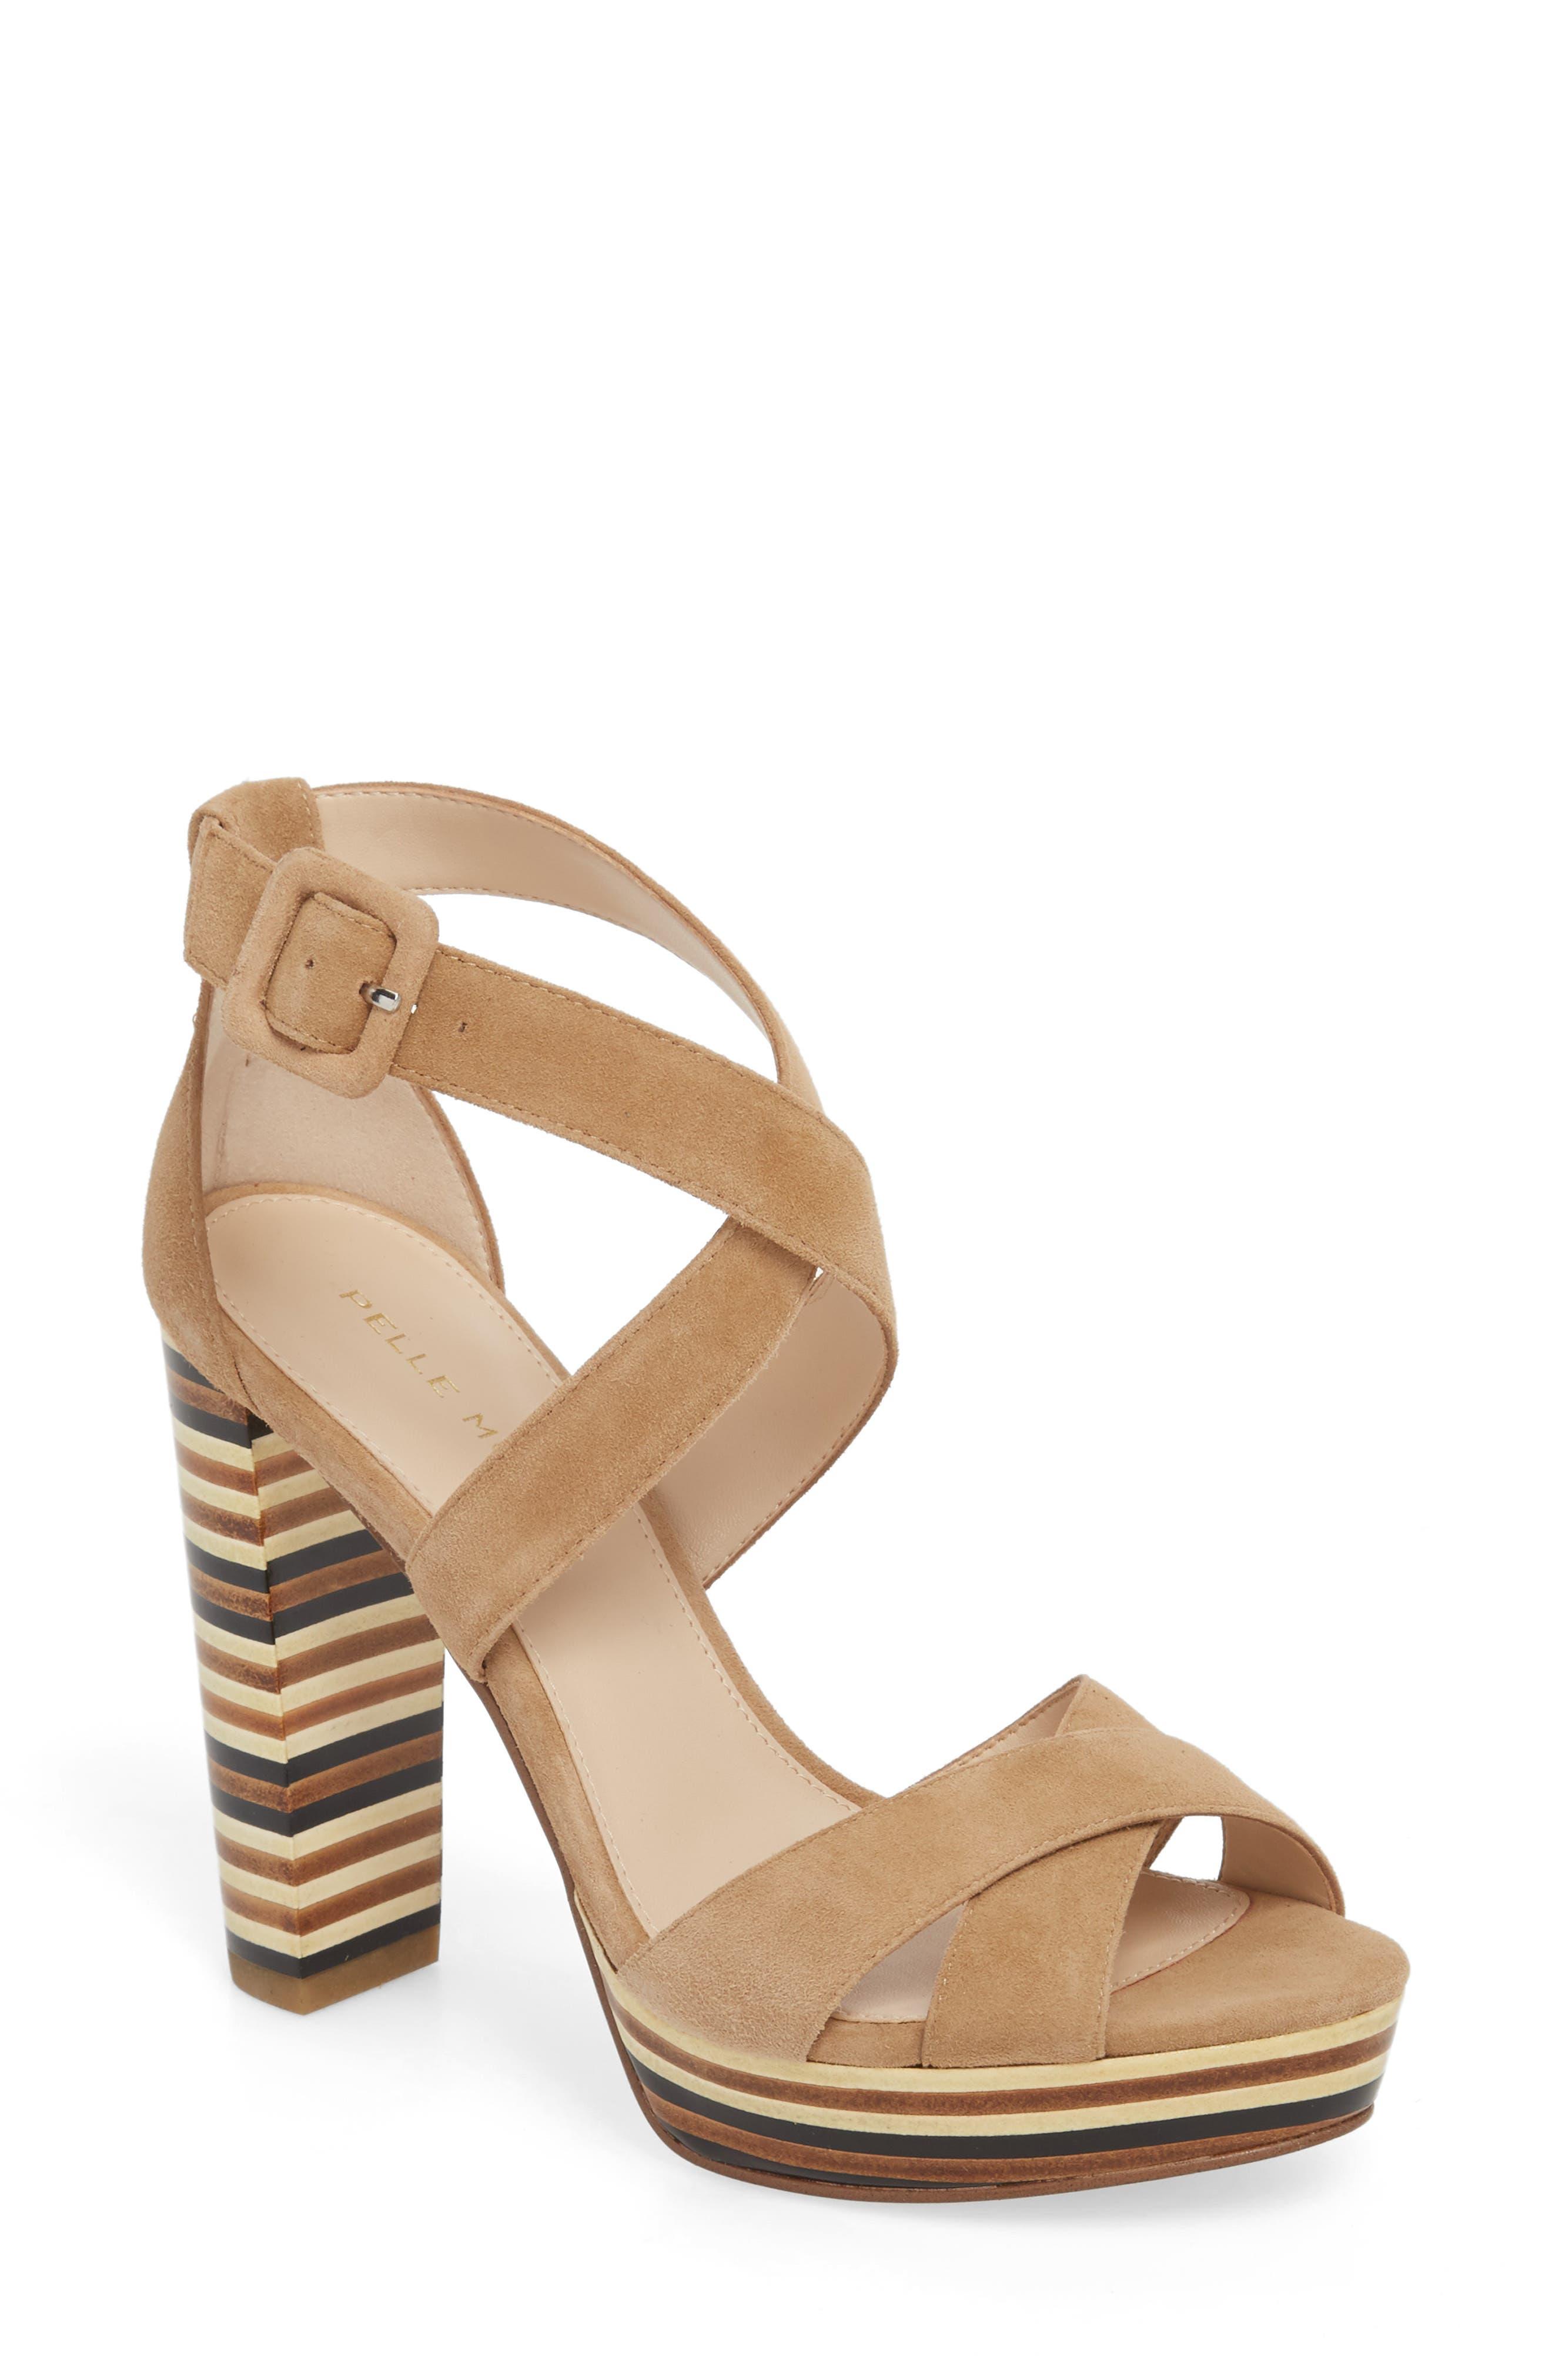 Panama Platform Sandal,                             Main thumbnail 1, color,                             LATTE SUEDE